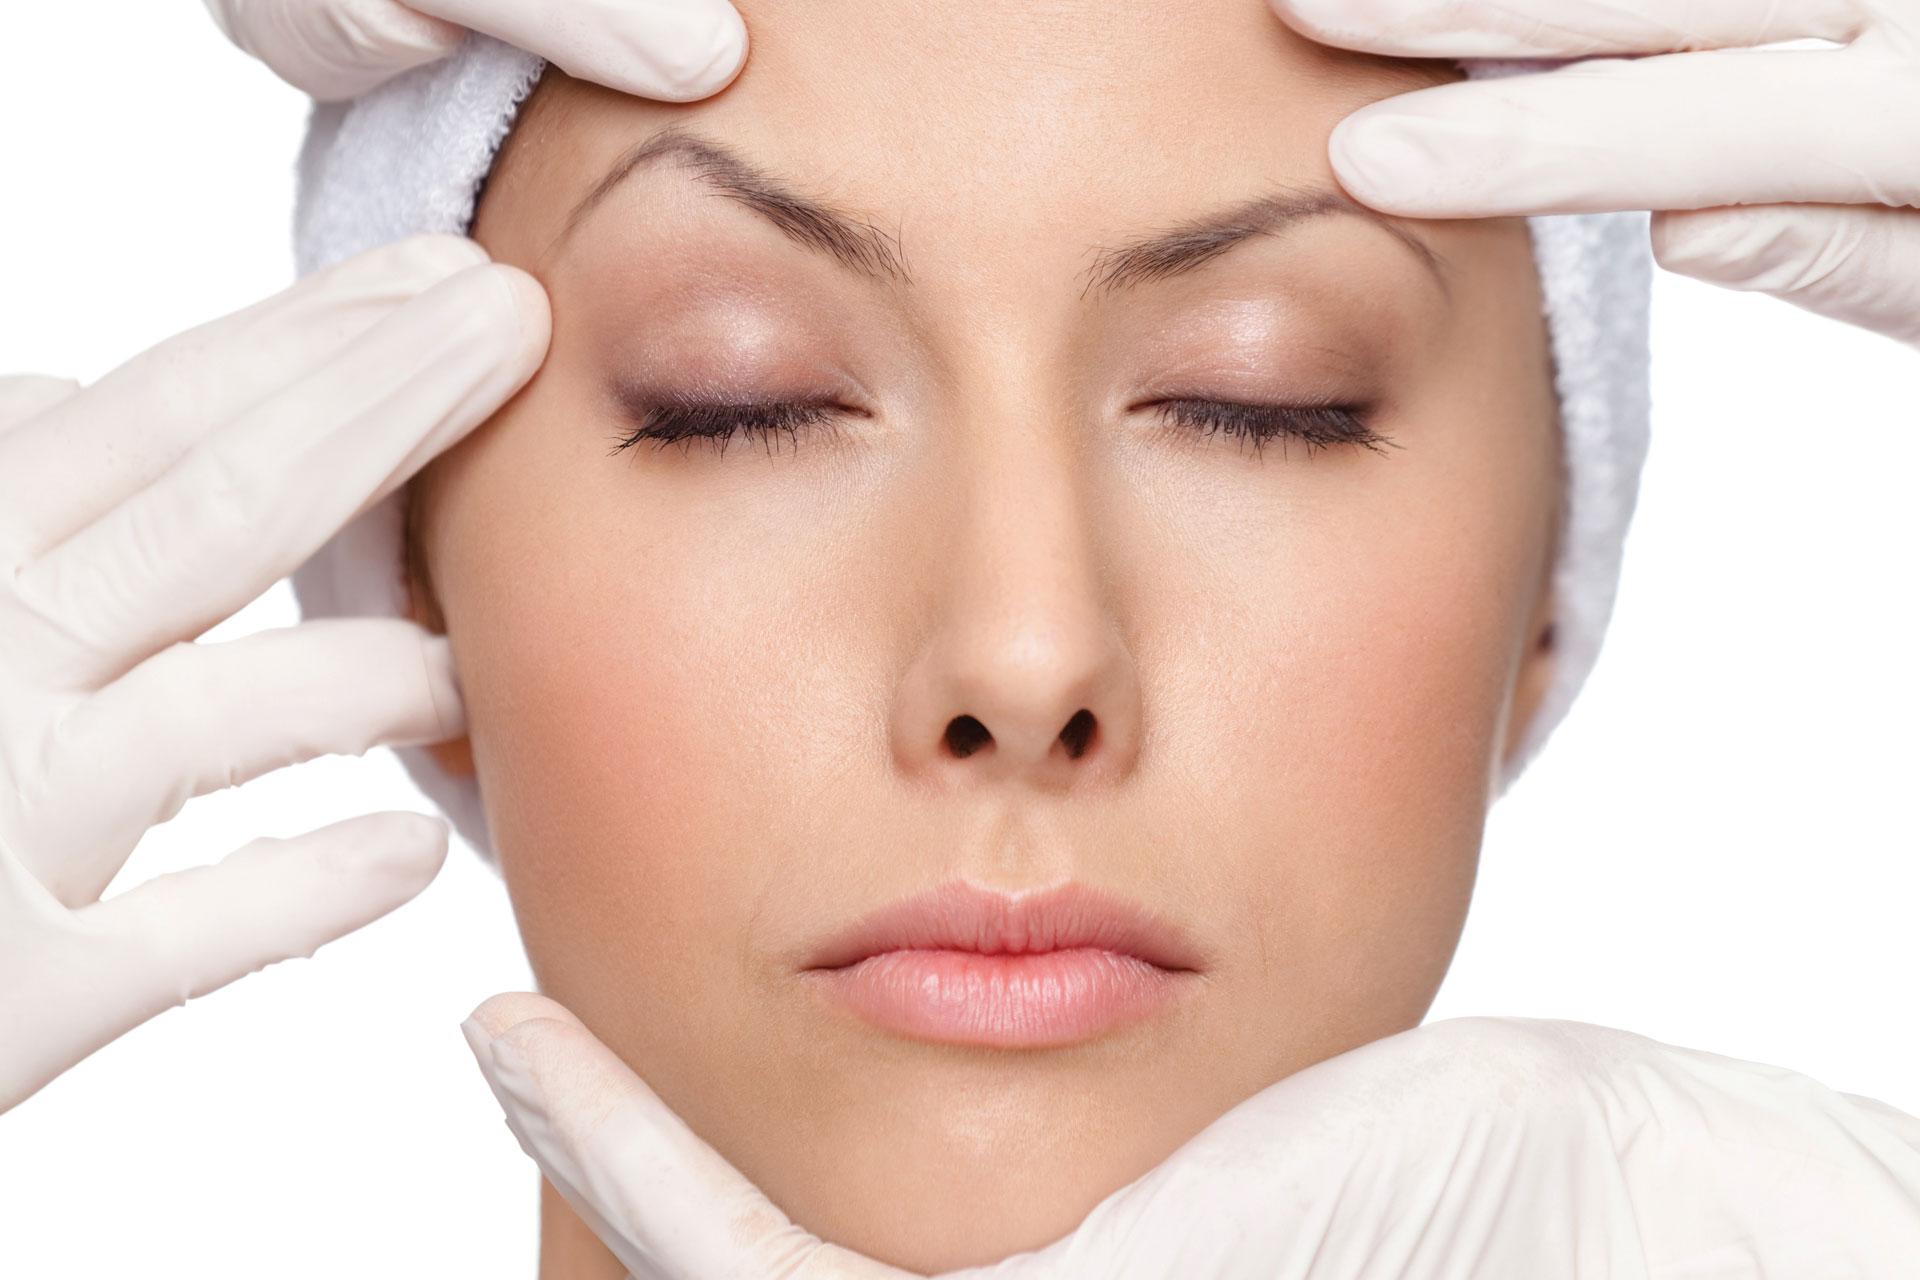 Facial skin reinforcement